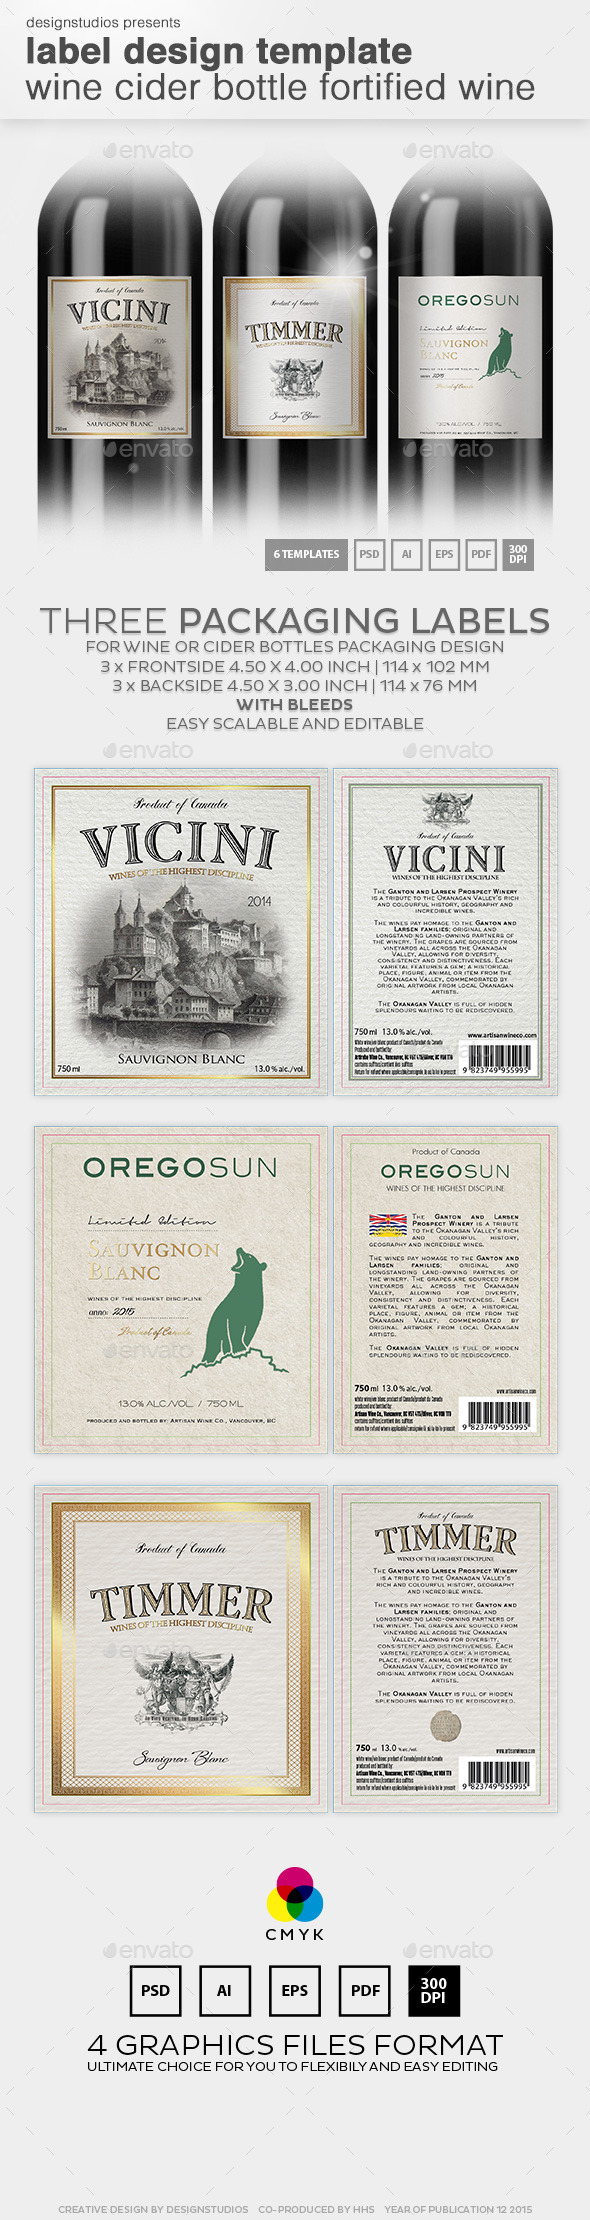 Label Design Template Wine & Cider Bottle by designstudios ...